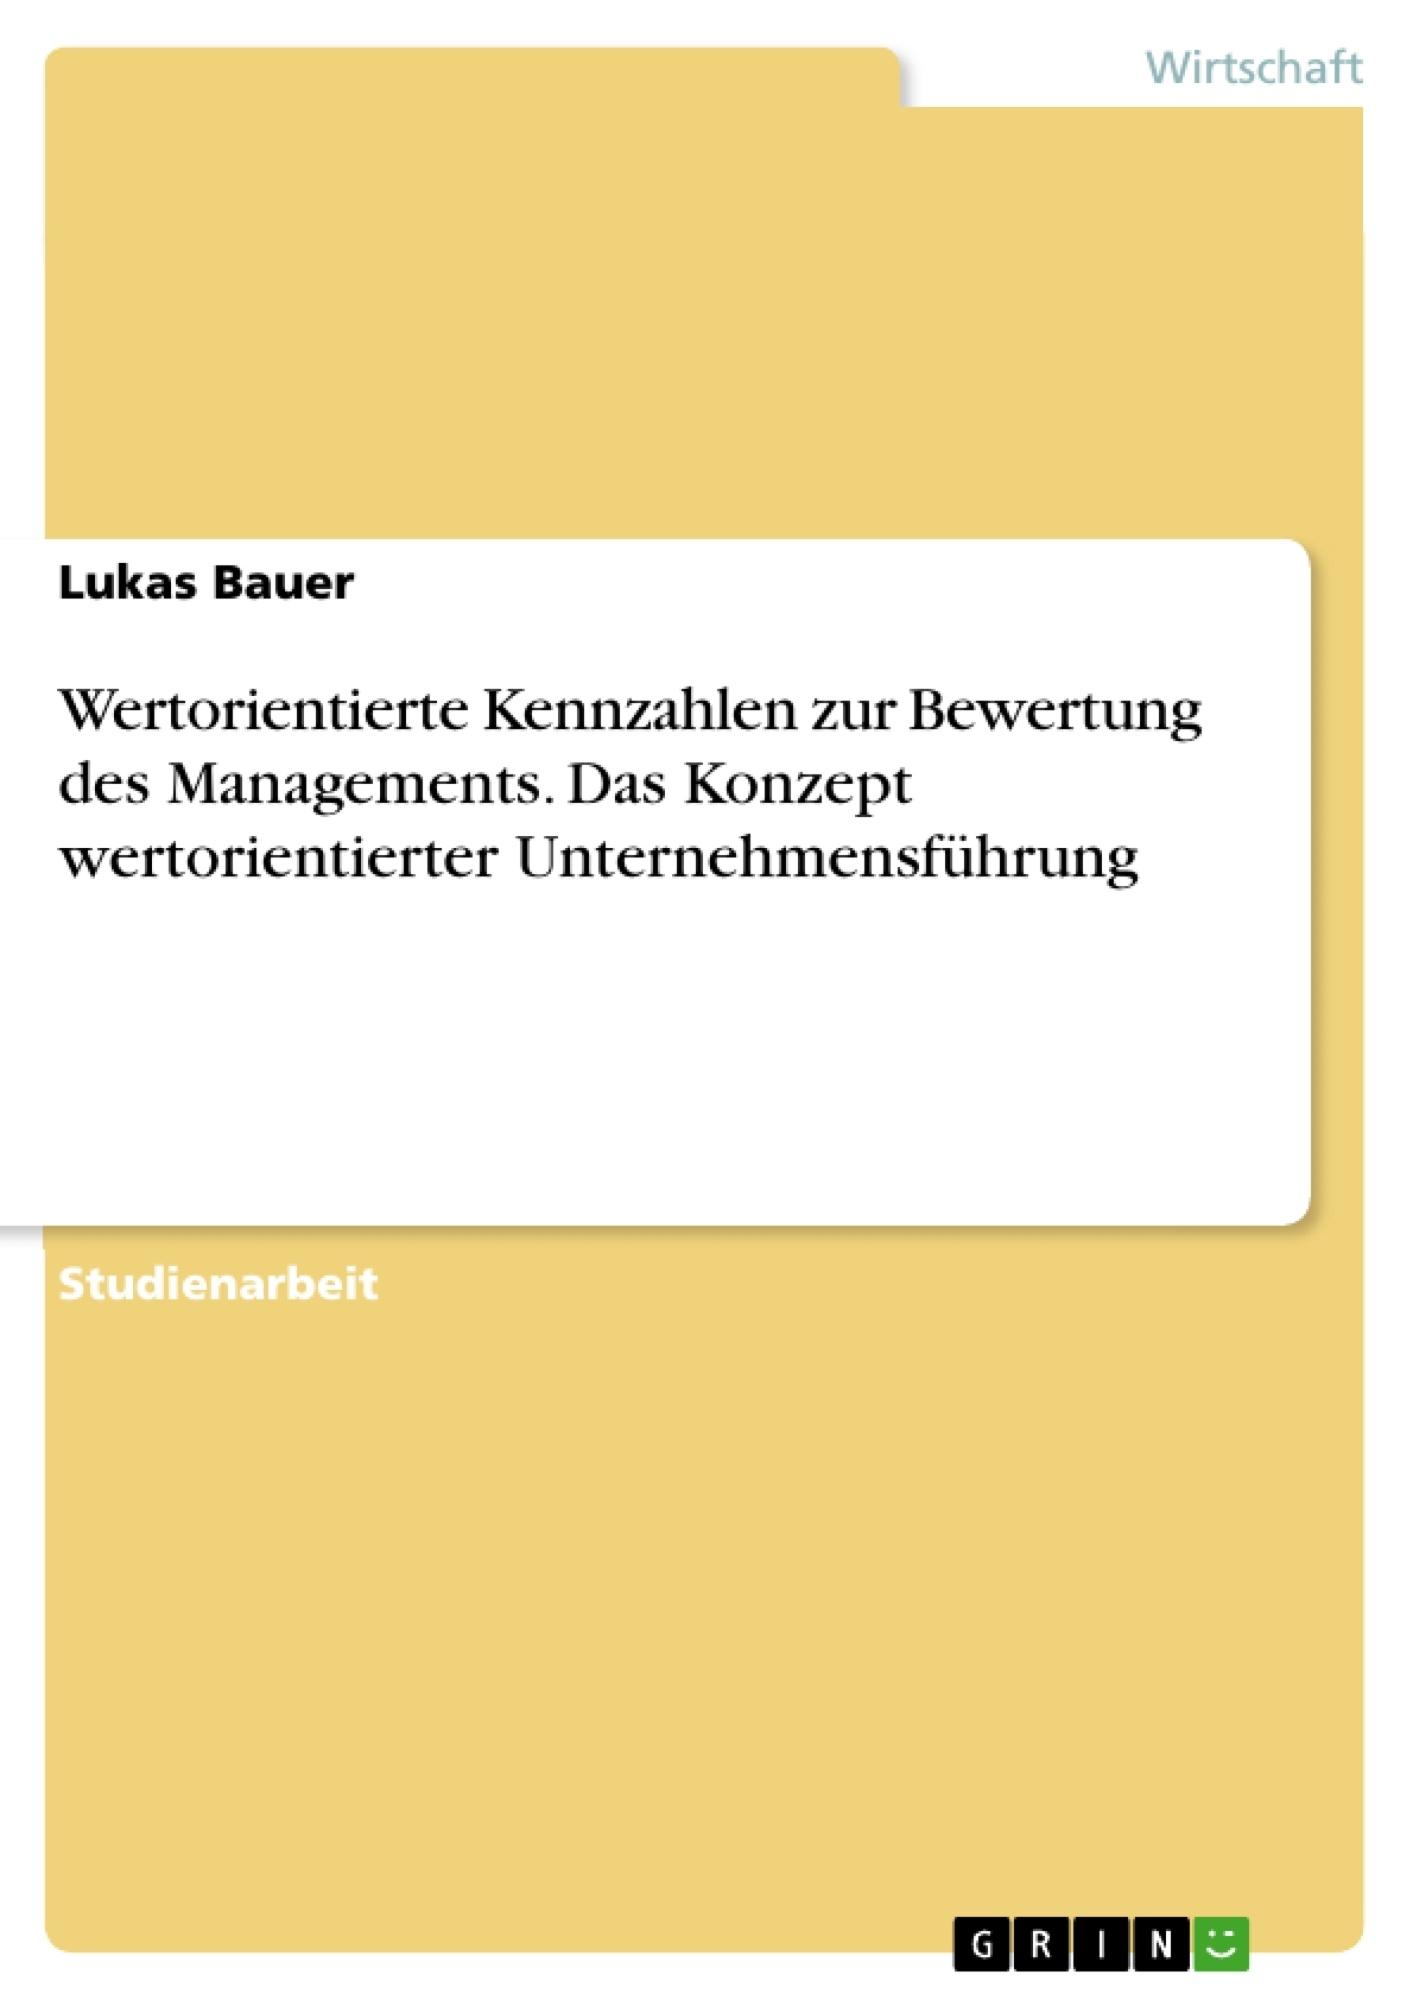 Titel: Wertorientierte Kennzahlen zur Bewertung des Managements. Das Konzept wertorientierter Unternehmensführung